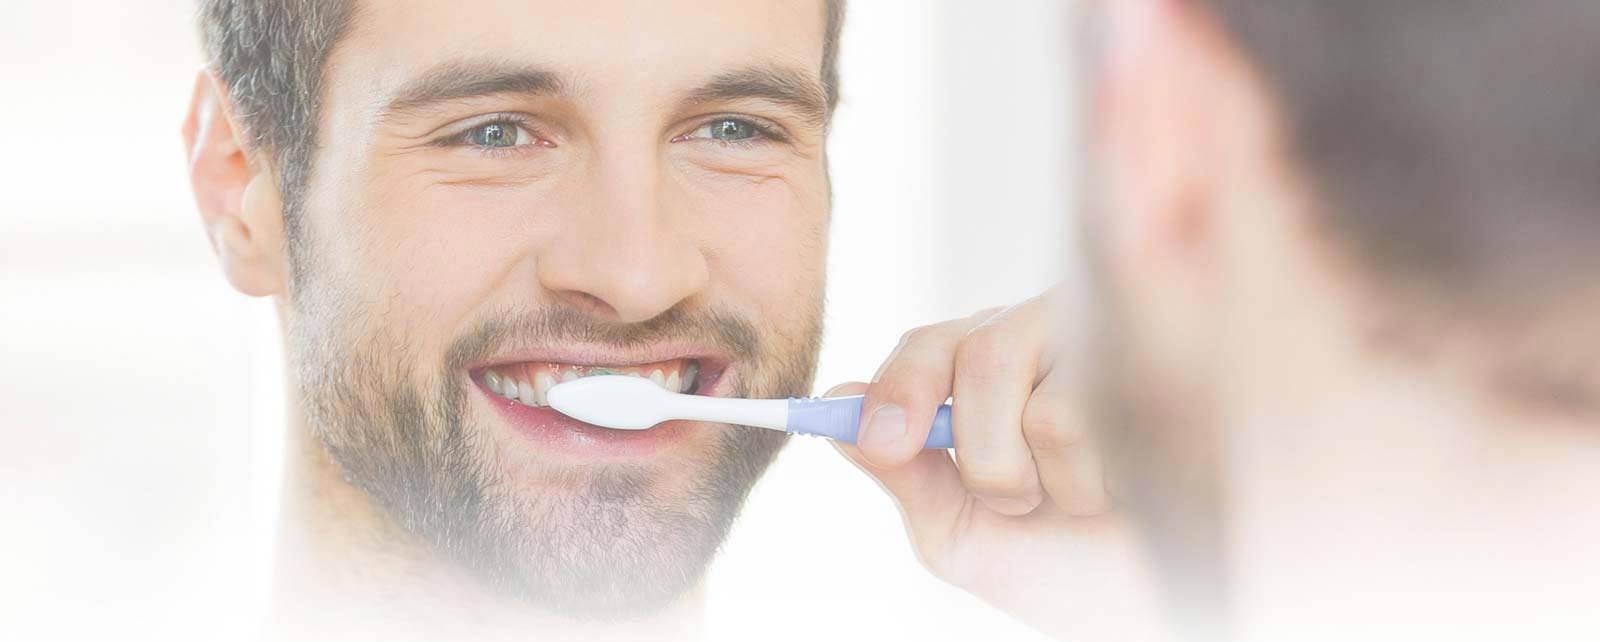 Prevenzione dentale: presidi di igiene orale domiciliare